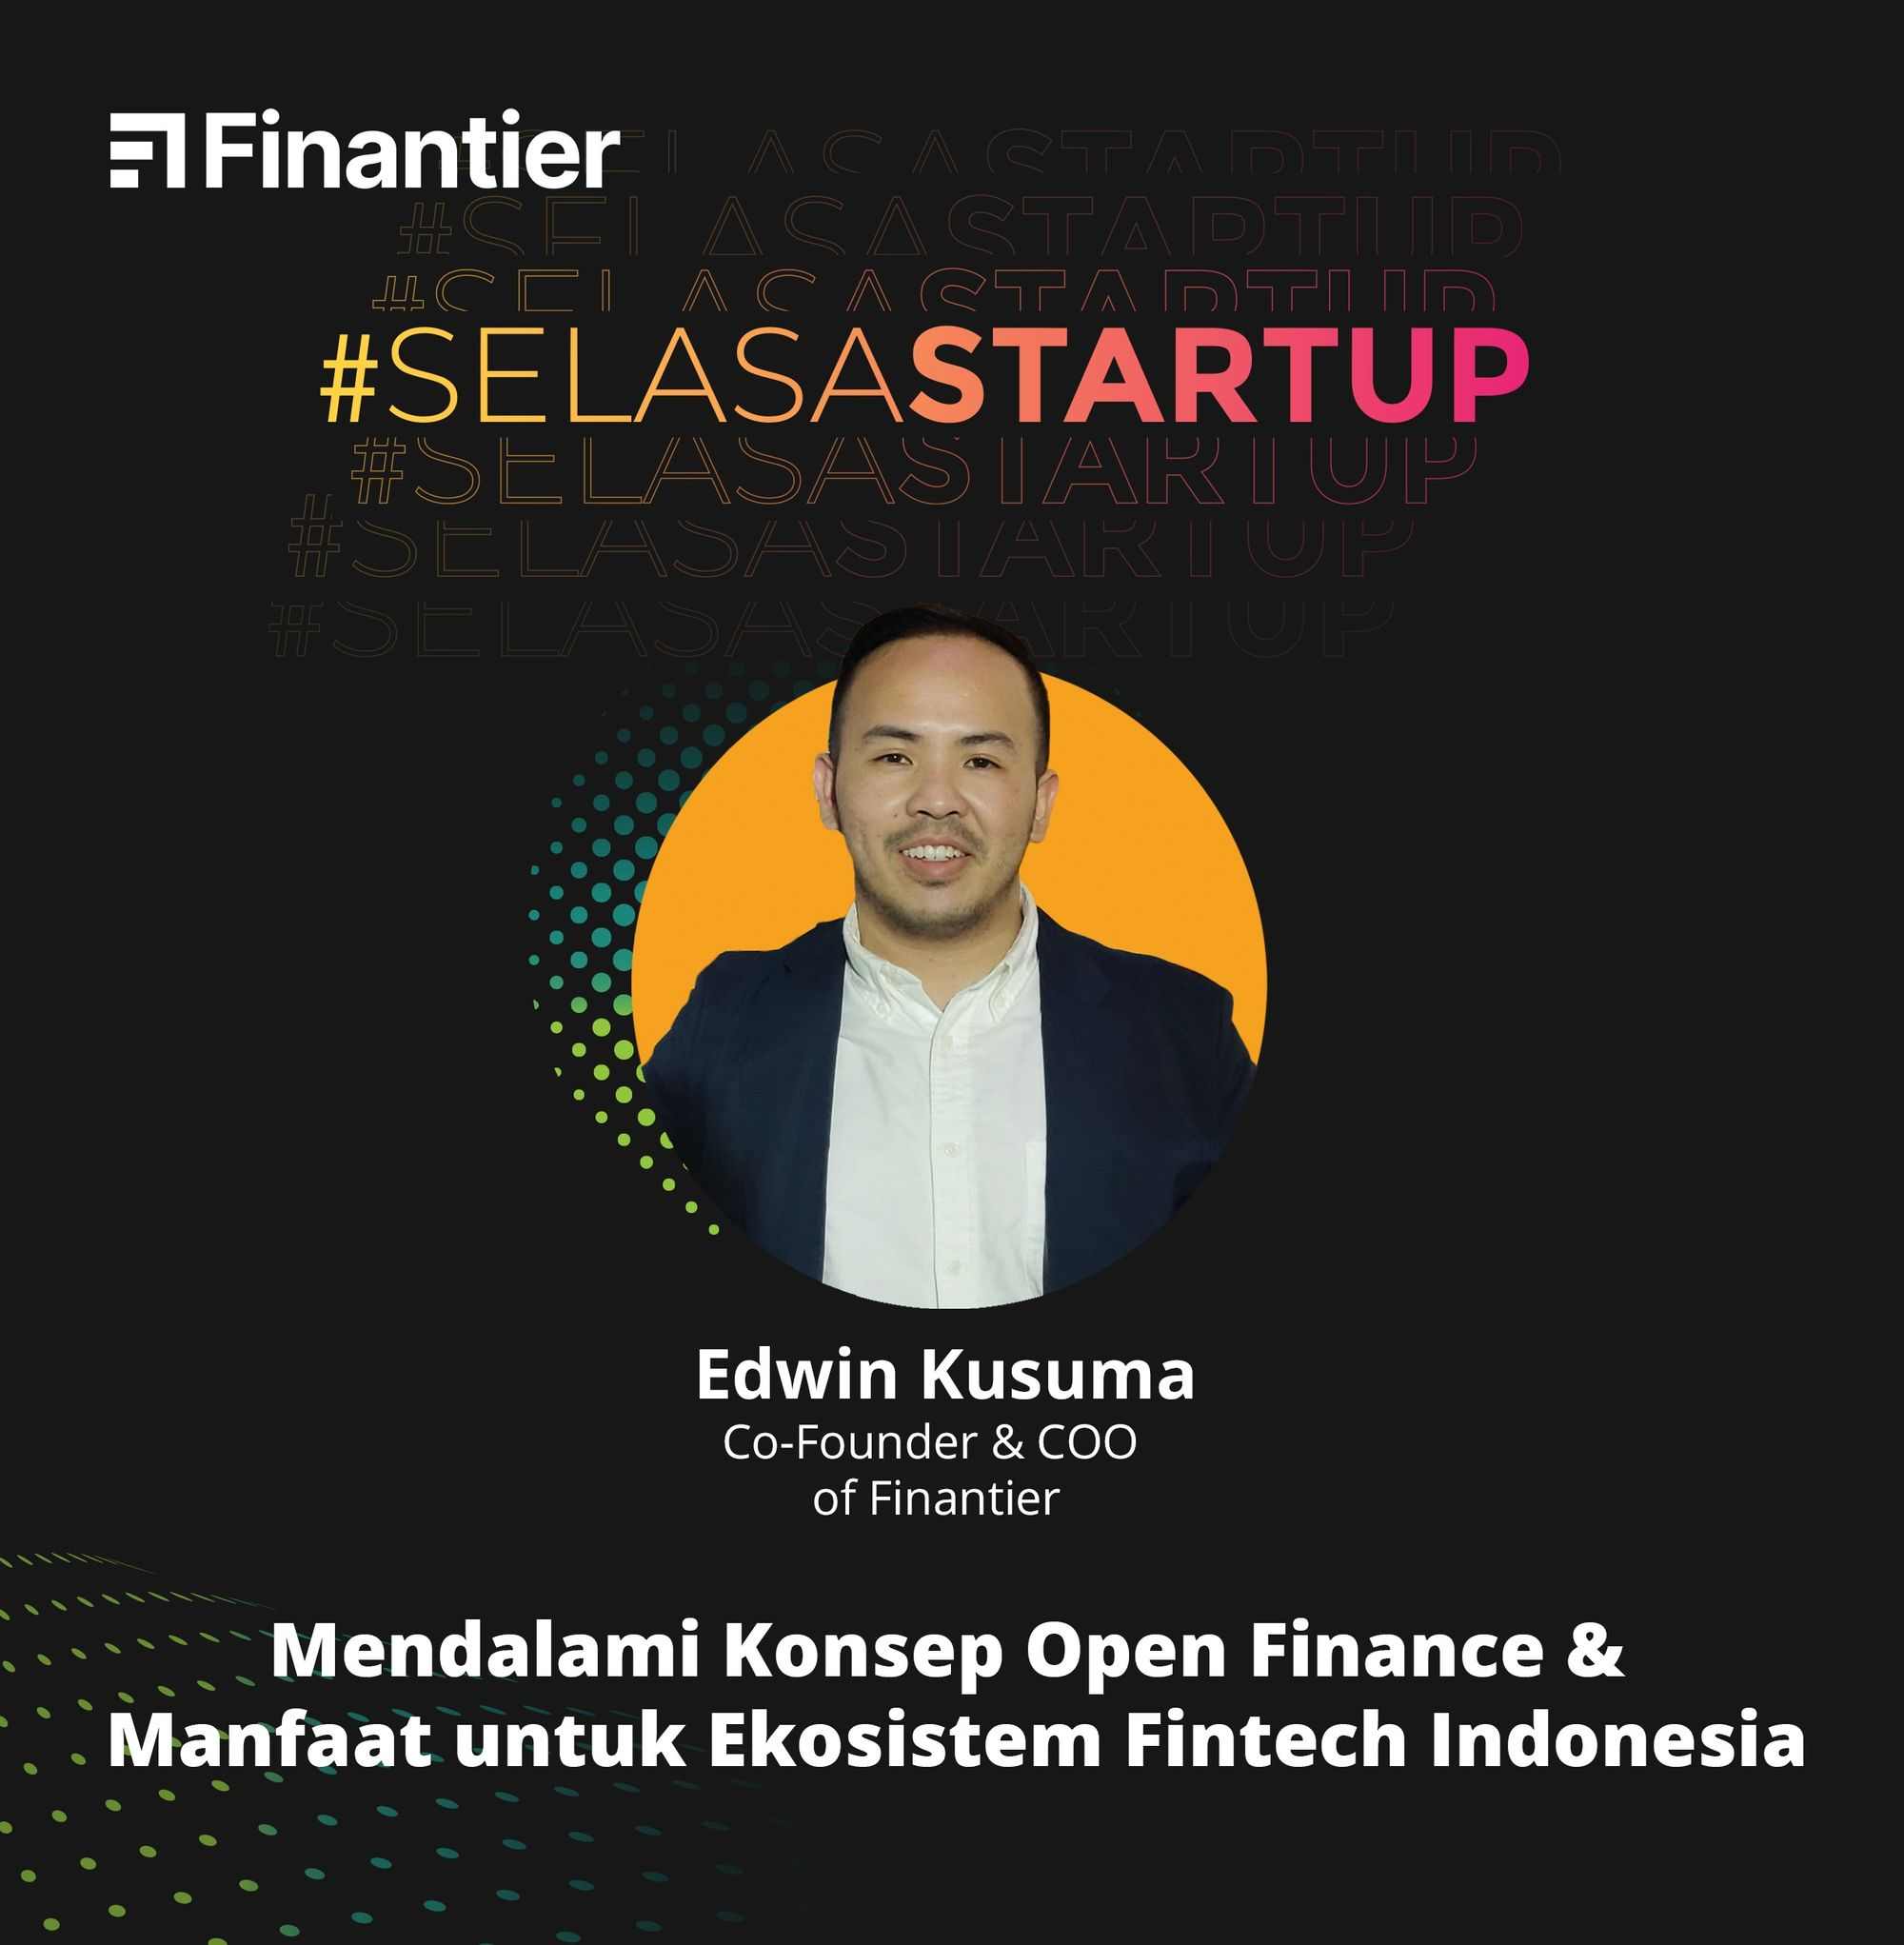 Selasa Startup: Mendalami Konsep Open Finance & Manfaat untuk Ekosistem Fintech Indonesia